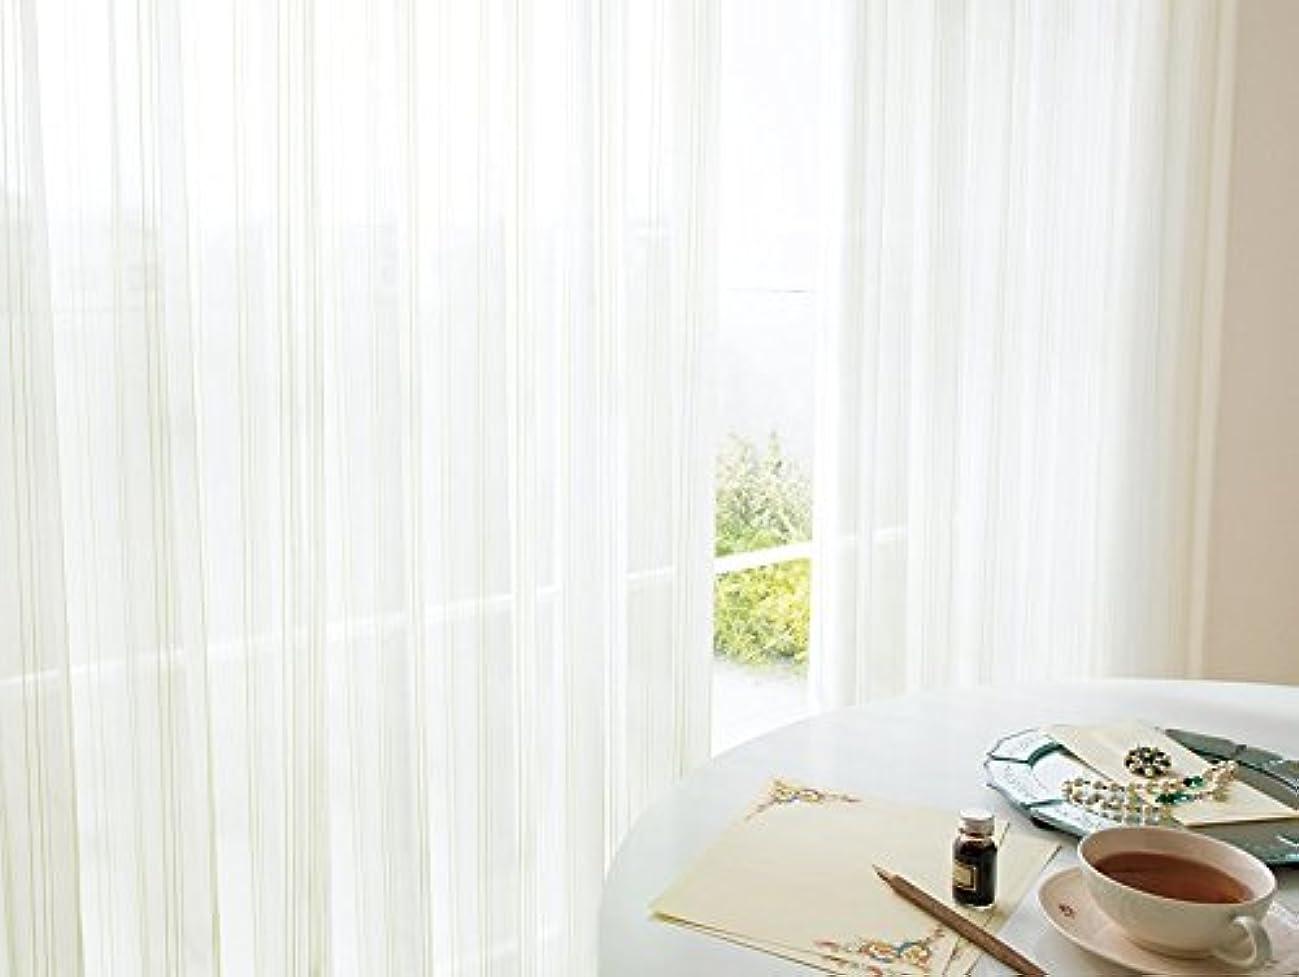 優雅無関心聖なる東リ ラメ糸と色糸でゆらぎを表現した遮熱レース カーテン1.5倍ヒダ KSA60442 幅:200cm ×丈:140cm (2枚組)オーダーカーテン